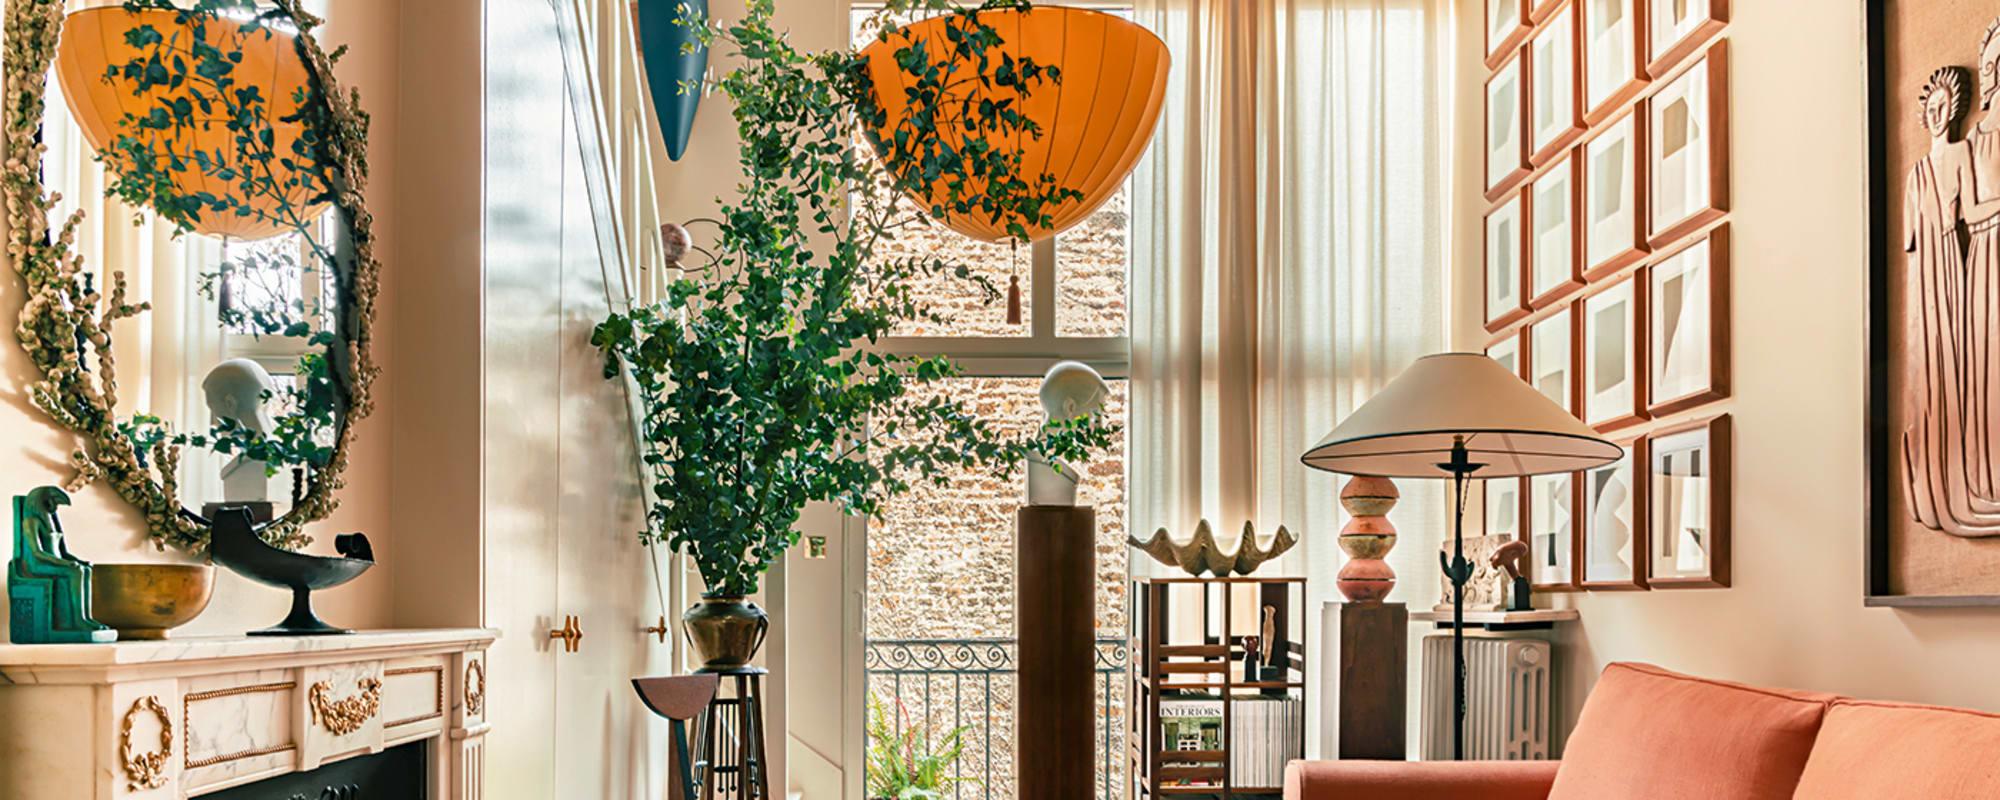 Wohnzimmer mit lachsrosa Sofa und Josef Hoffmanns Lampionleuchte